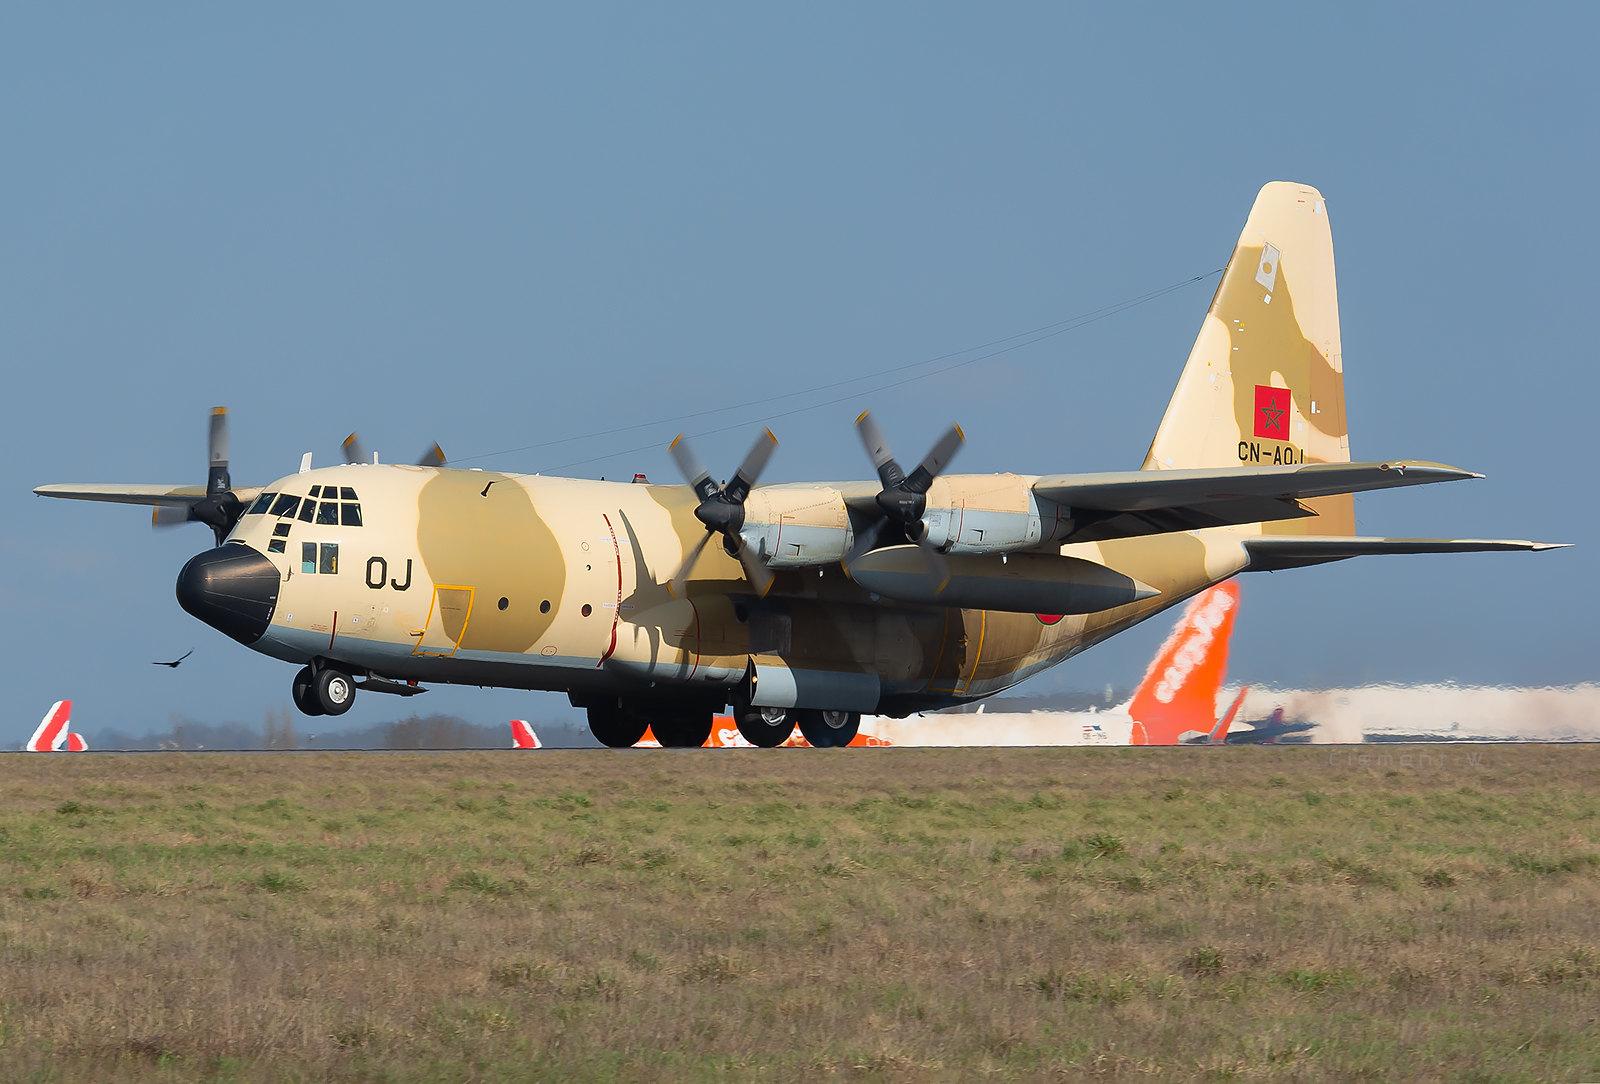 FRA: Photos d'avions de transport - Page 42 50997129039_a2460e4b32_h